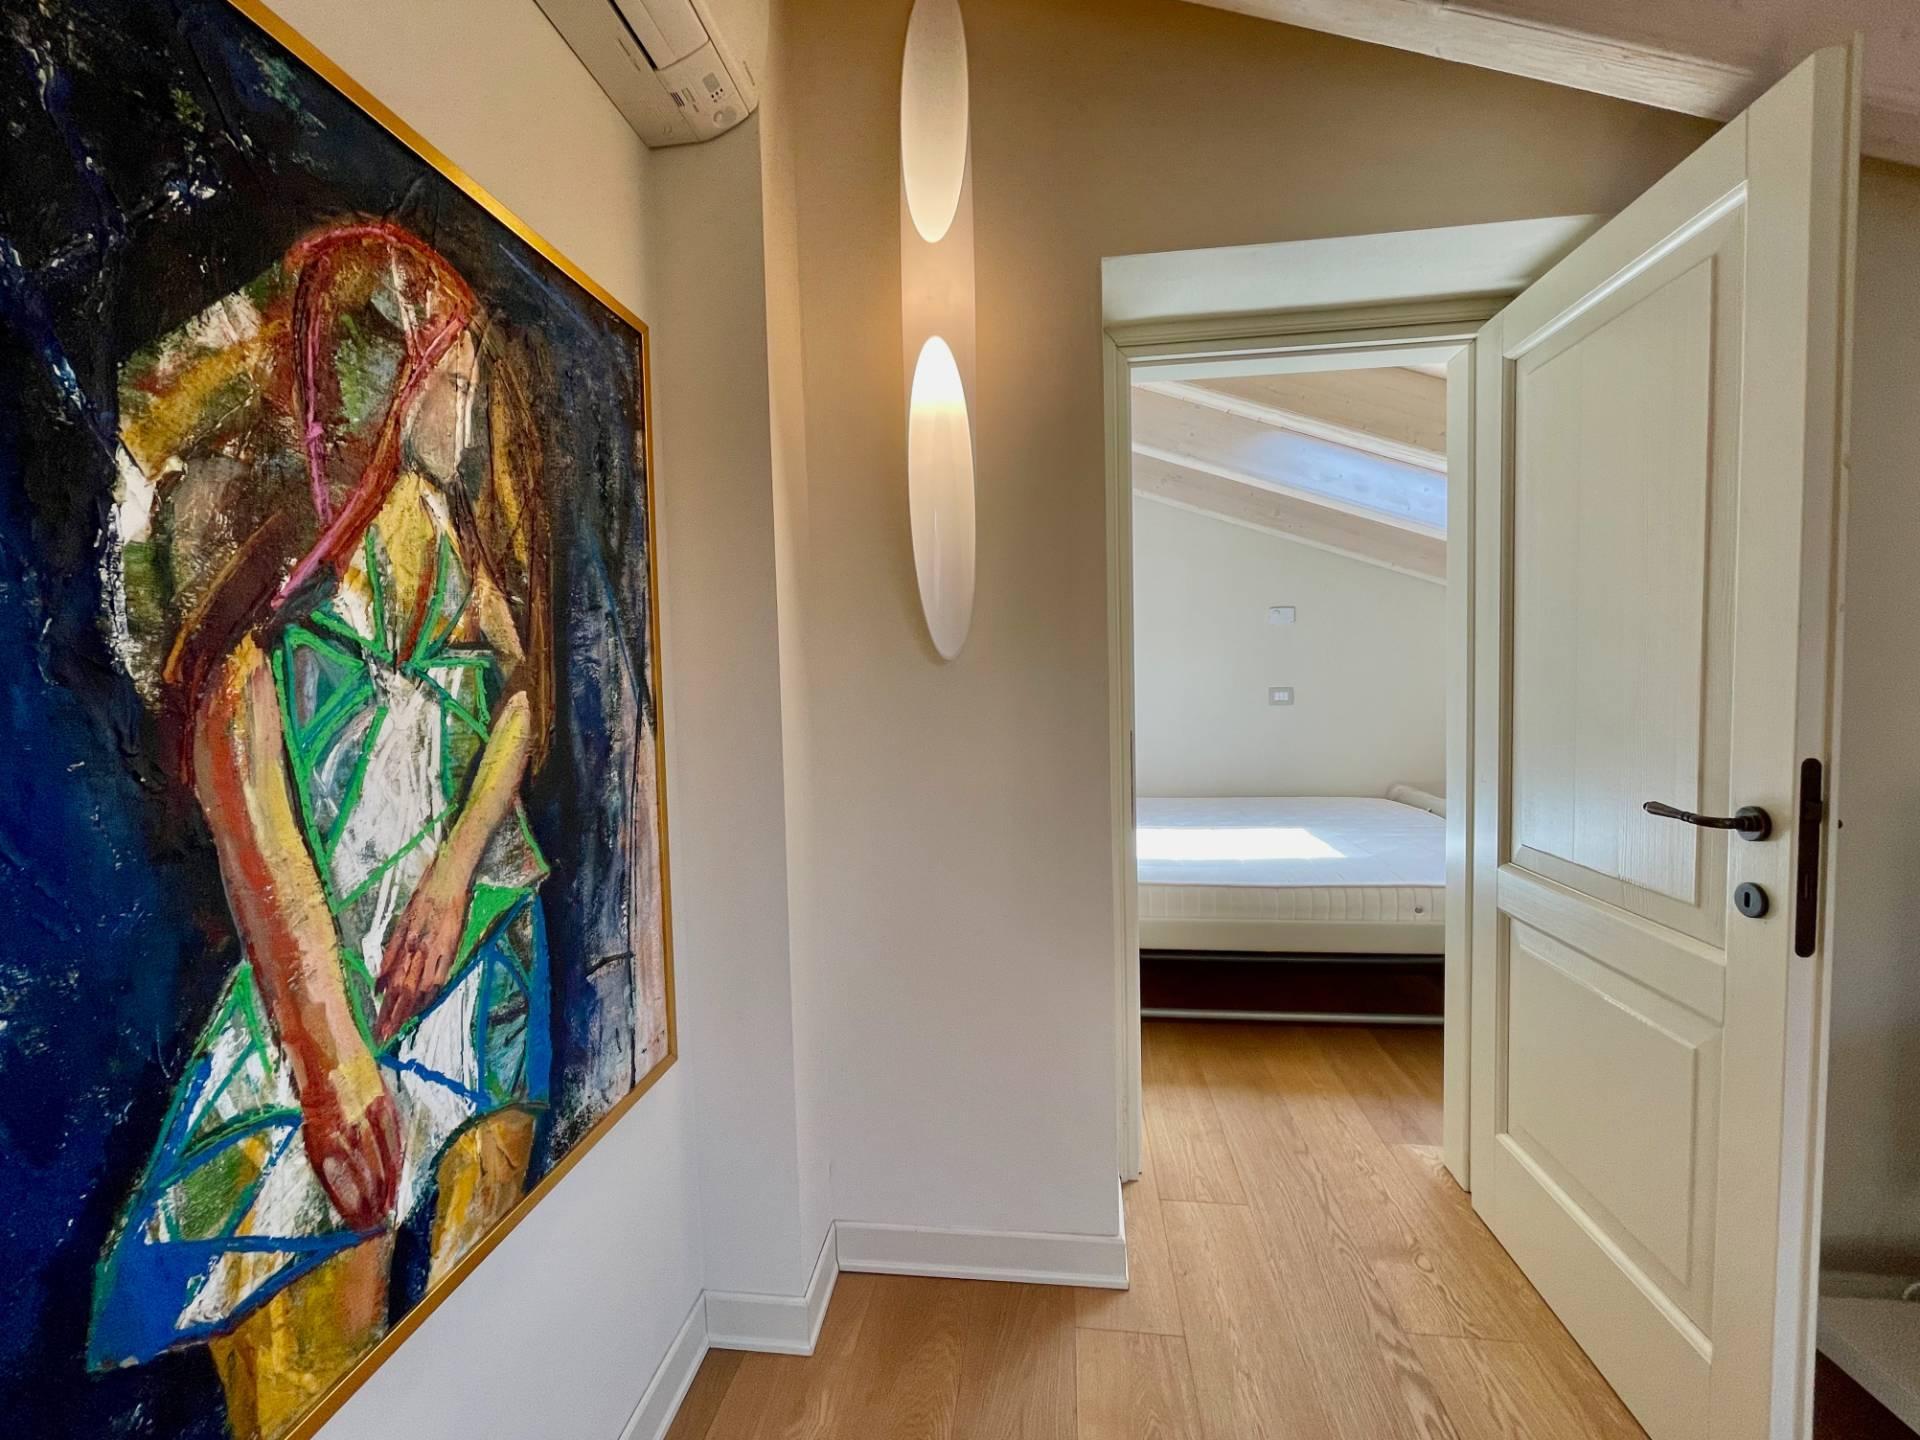 Appartamento in Vendita a Pozzolengo: 2 locali, 67 mq - Foto 17